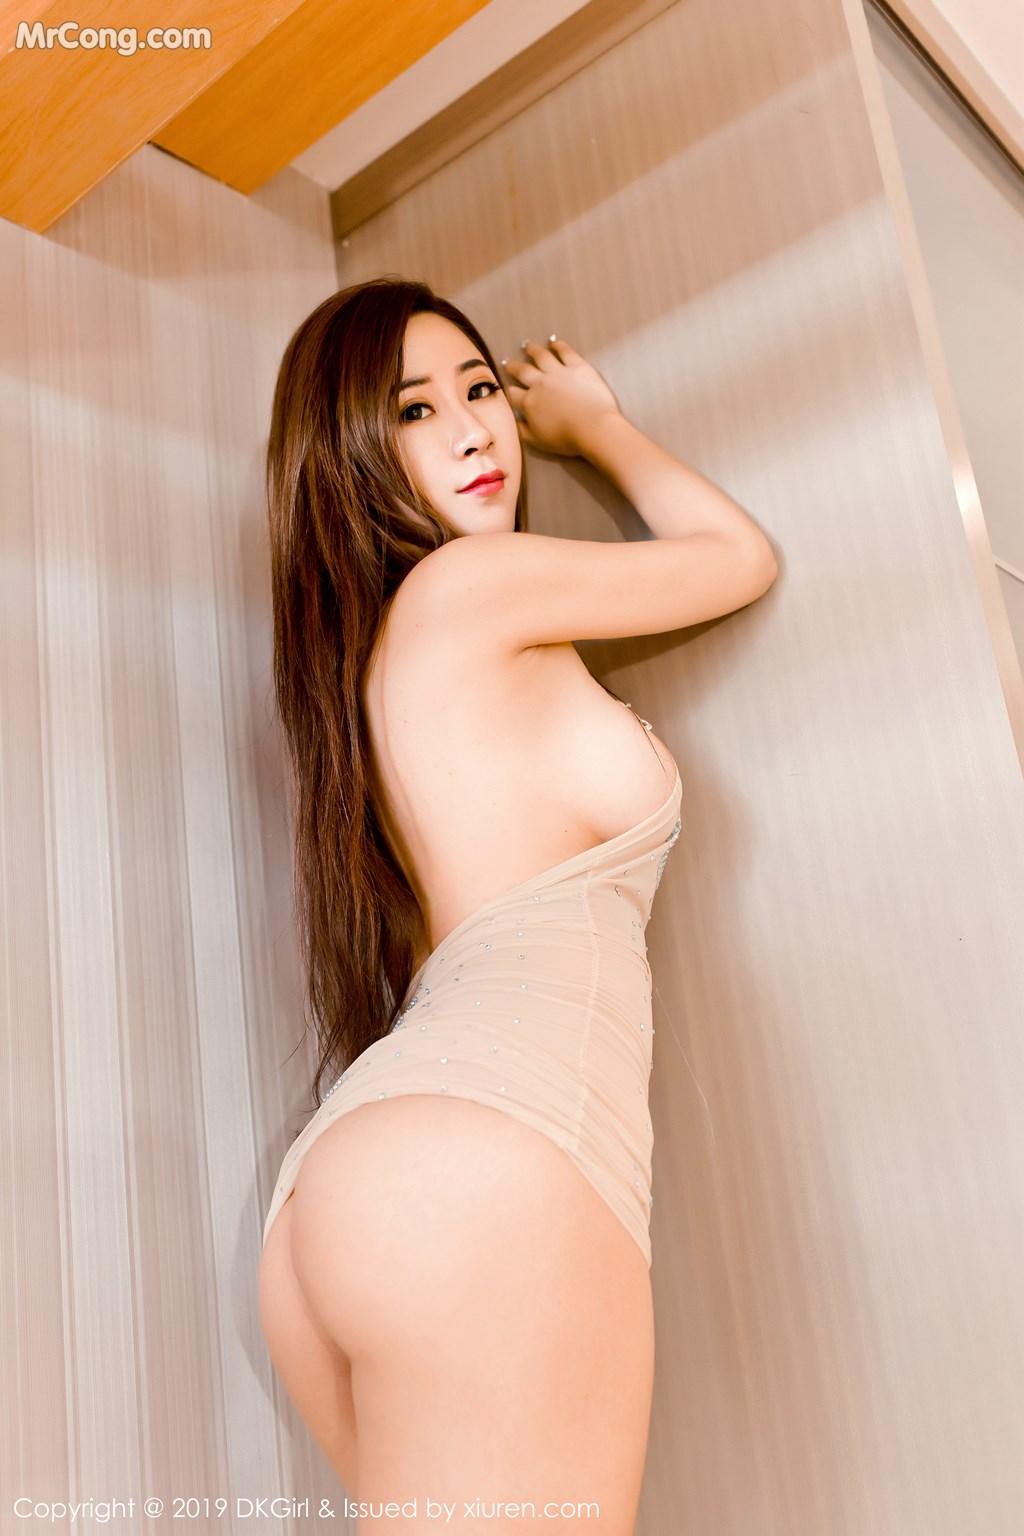 Image DKGirl-Vol.109-Cier-MrCong.com-009 in post DKGirl Vol.109: 雪儿Cier (49 ảnh)